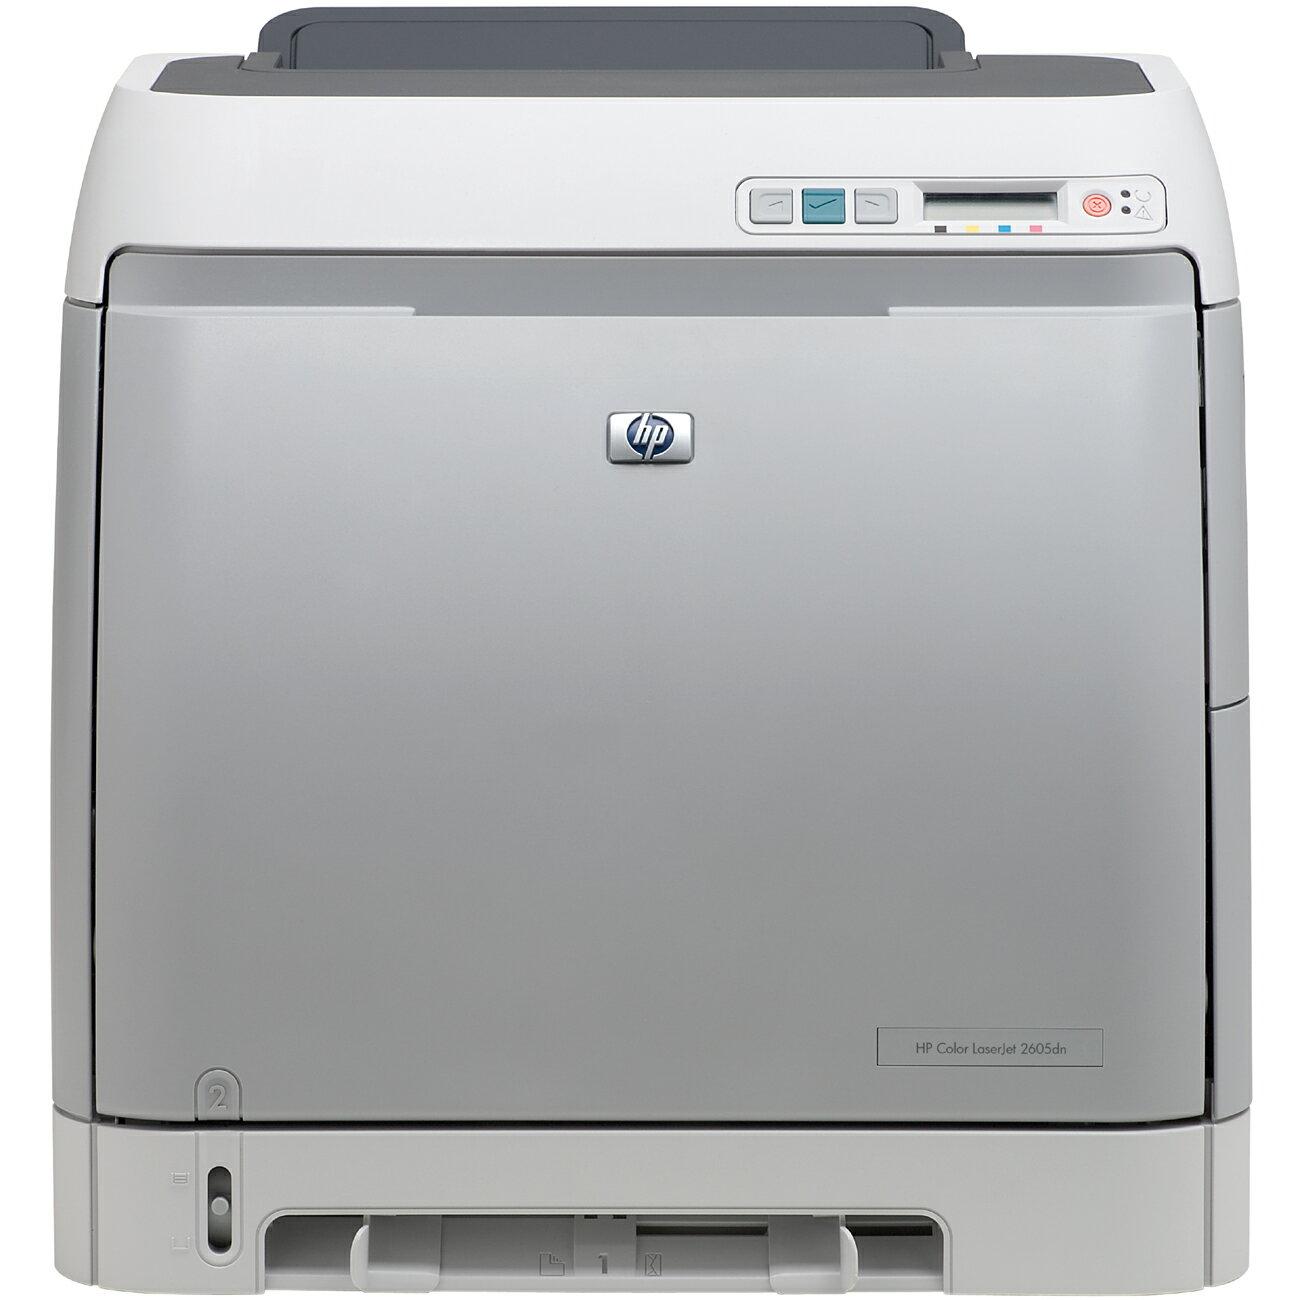 HP LaserJet 2605DN Laser Printer - Color - 1200 x 1200 dpi Print - Plain Paper Print - Desktop - 12 ppm Mono / 10 ppm Color Print - Letter, Legal, Envelope No. 10, Monarch Envelope, Executive - 250 sheets Standard Input Capacity - 35000 Duty Cycle - Autom 0